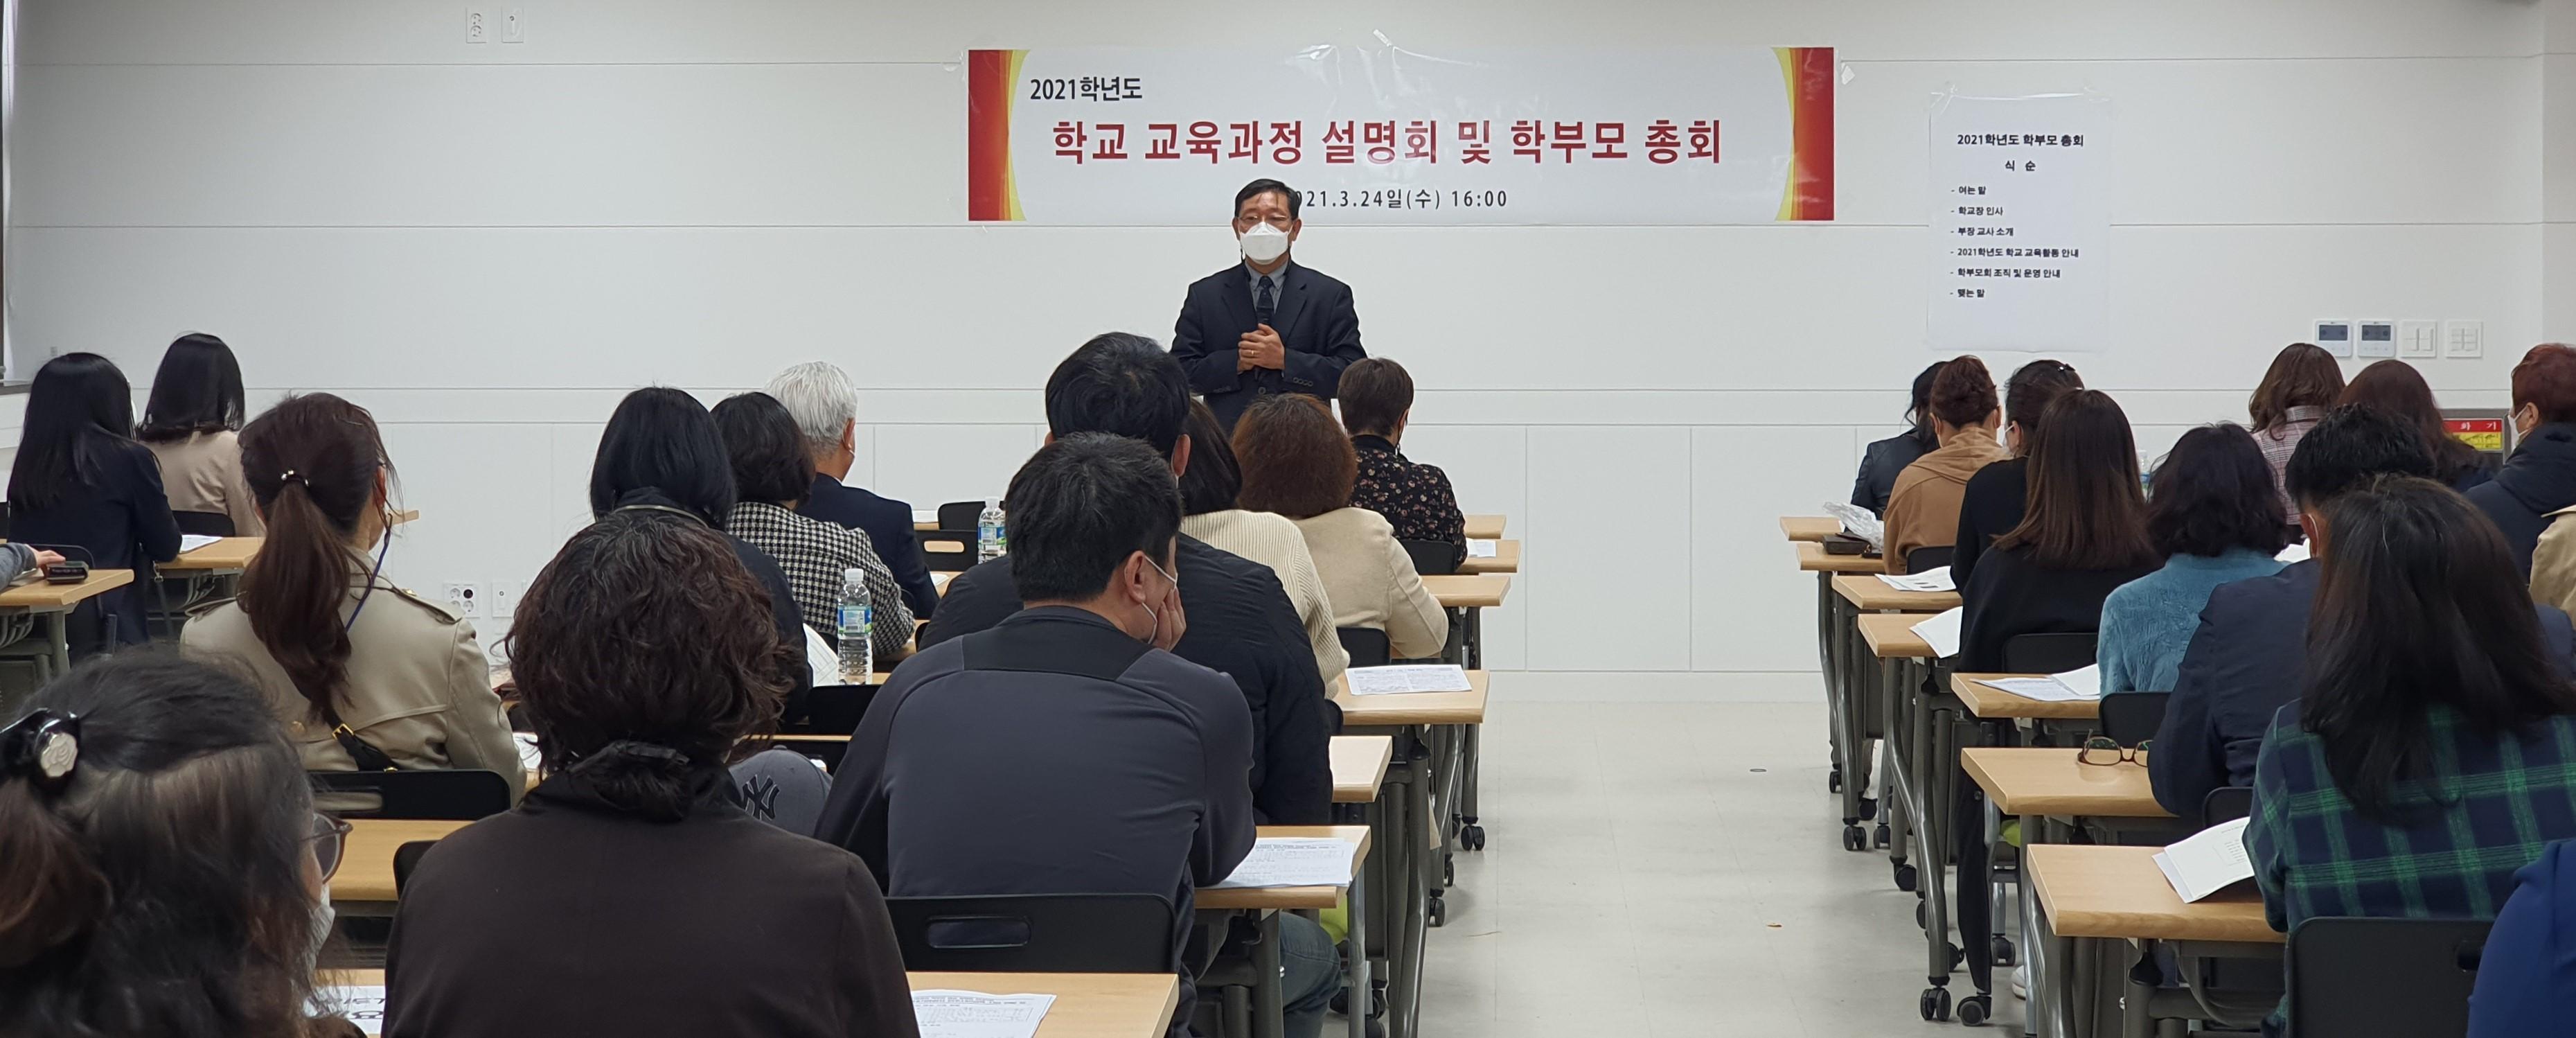 [제주]제주고, 2021학년도 학부모총회 열어 한마음으로 나아가다